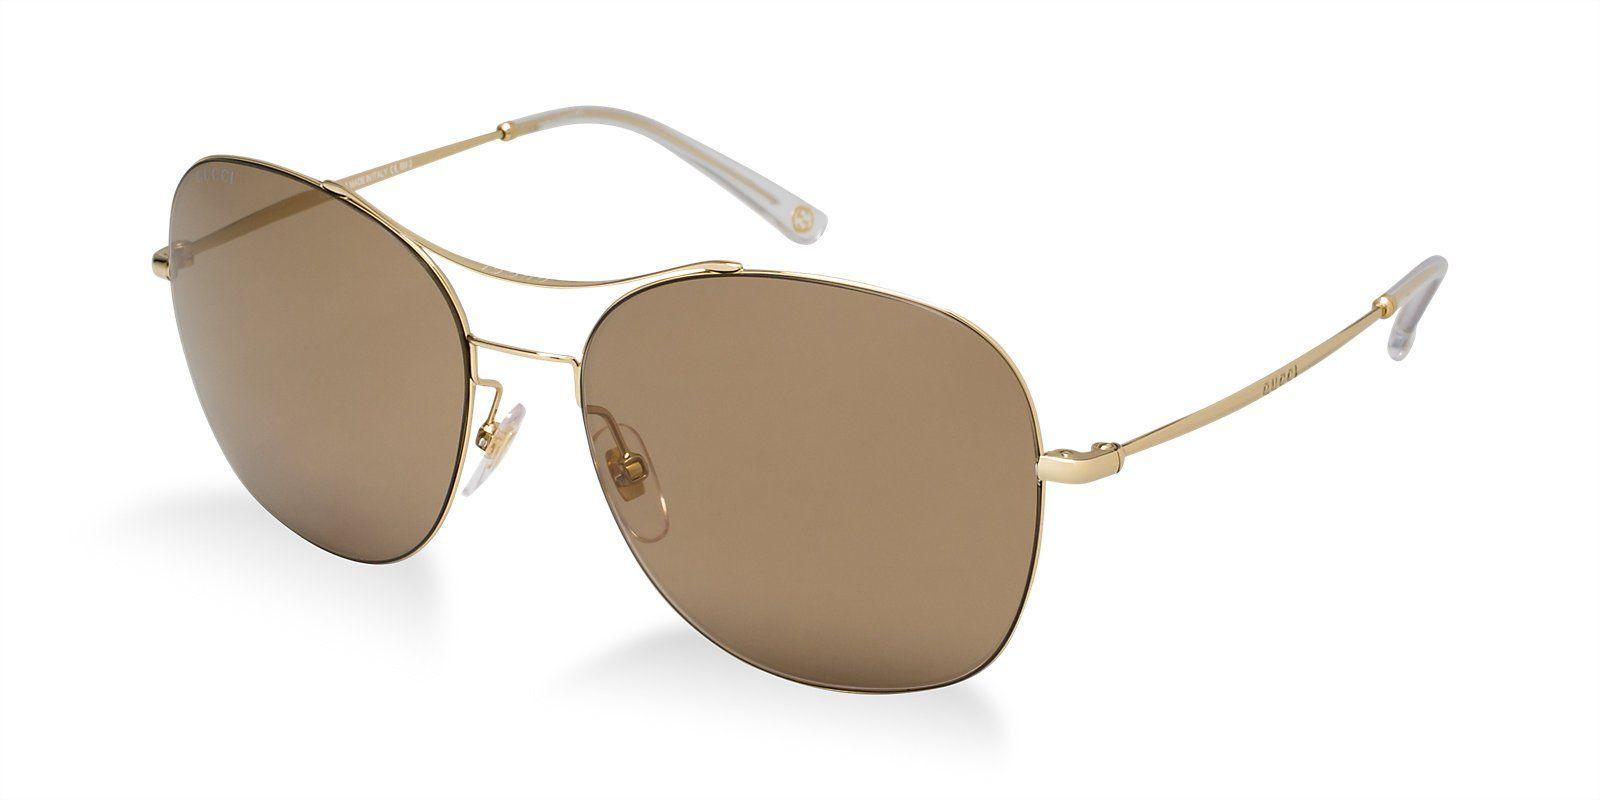 Amazon.com: GUCCI GG4253/S Sunglasses Gold w/Brown Mirror (0J5G ...